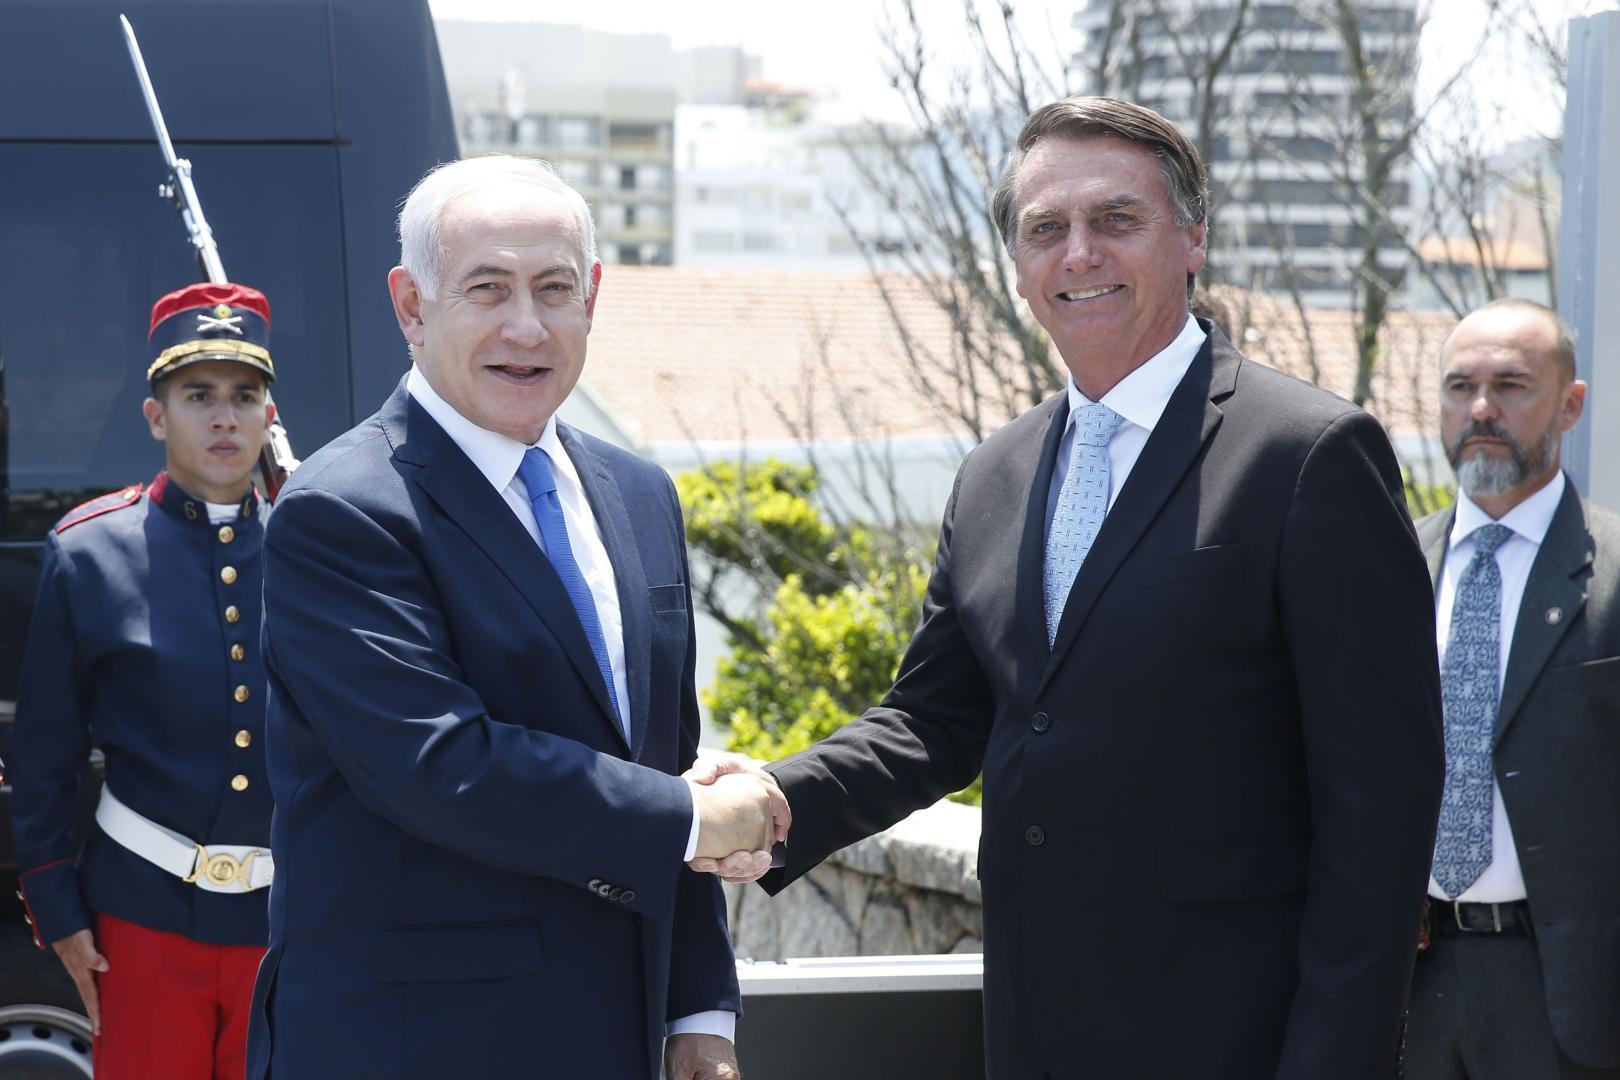 Liderul brazilian Bolsonaro, aliat strategic pentru premierul israelian Netanyahu